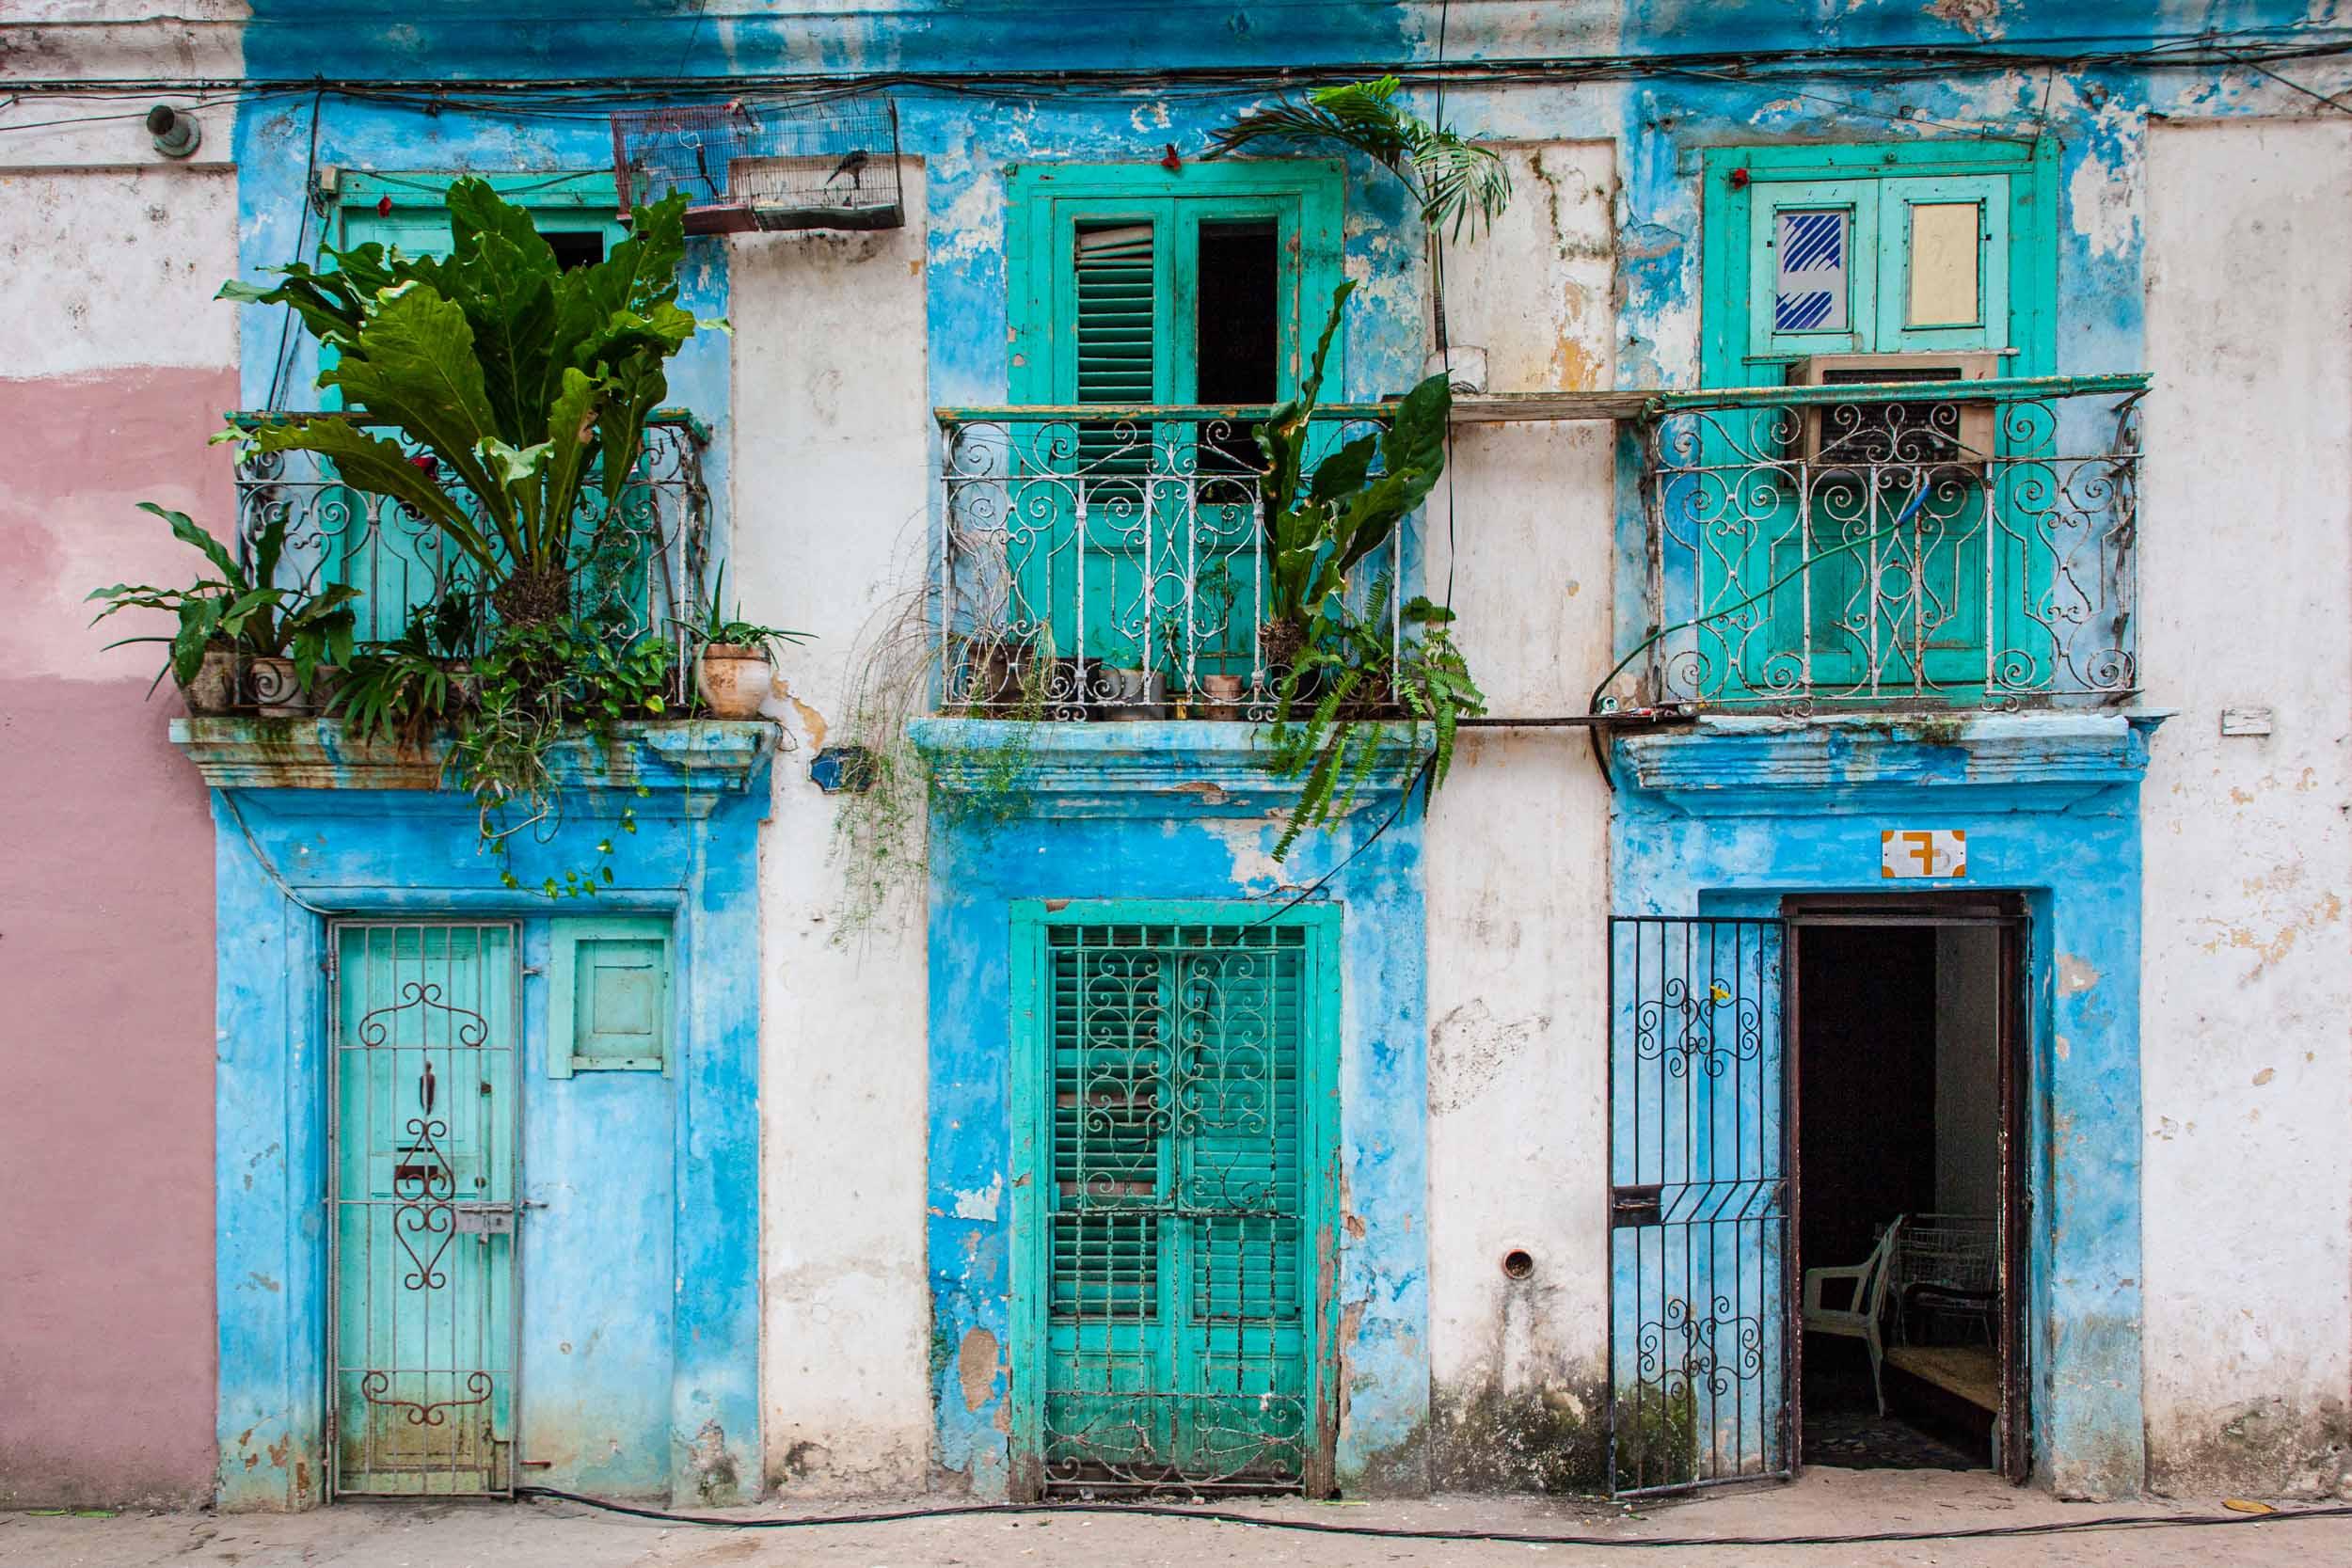 Cuba-2014-5.jpg